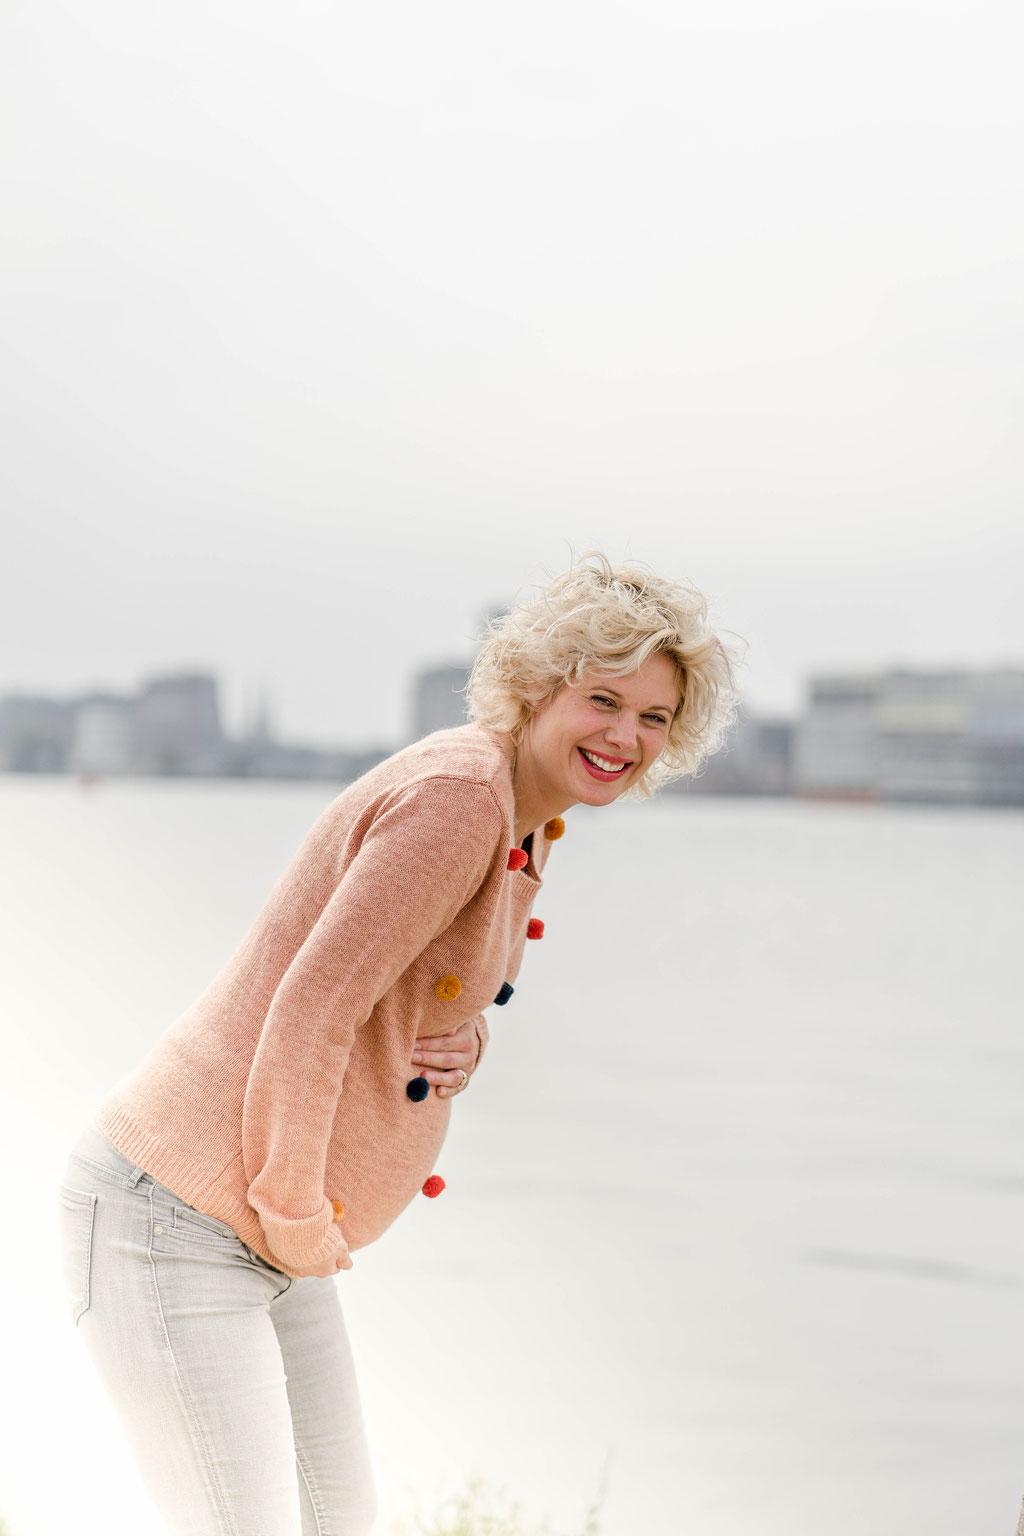 NDSM-werf, Amsterdam, fotoshoot, fotograaf, zwangerschapsshoot, zwanger, industrieel, graffiti, industriële foto's,